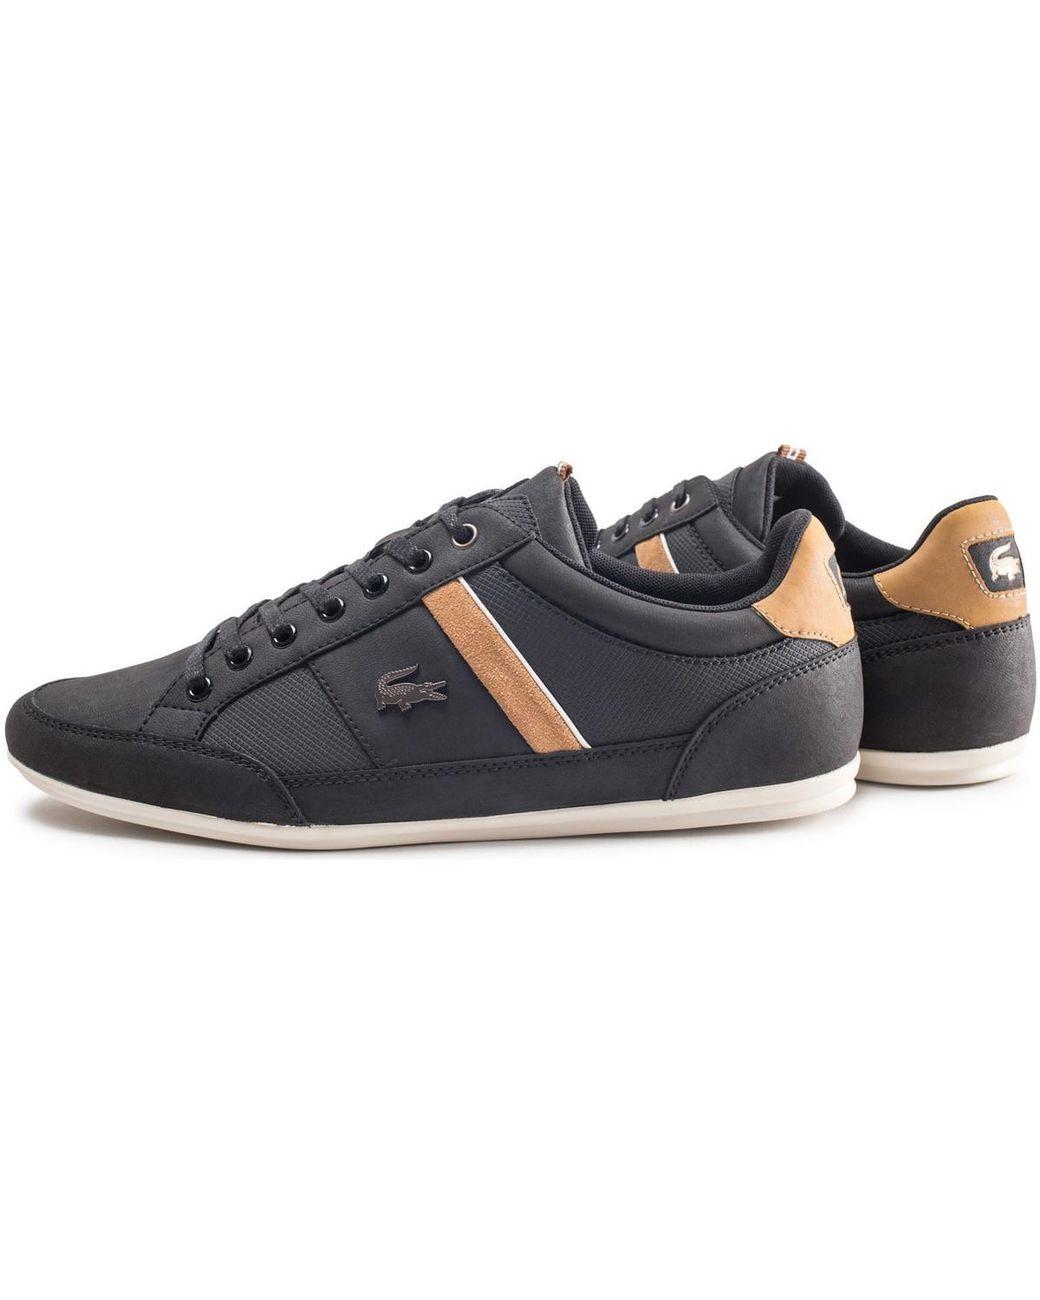 Hommes 119 En Et Chaussures Chaymon Noir NwPnO0X8k